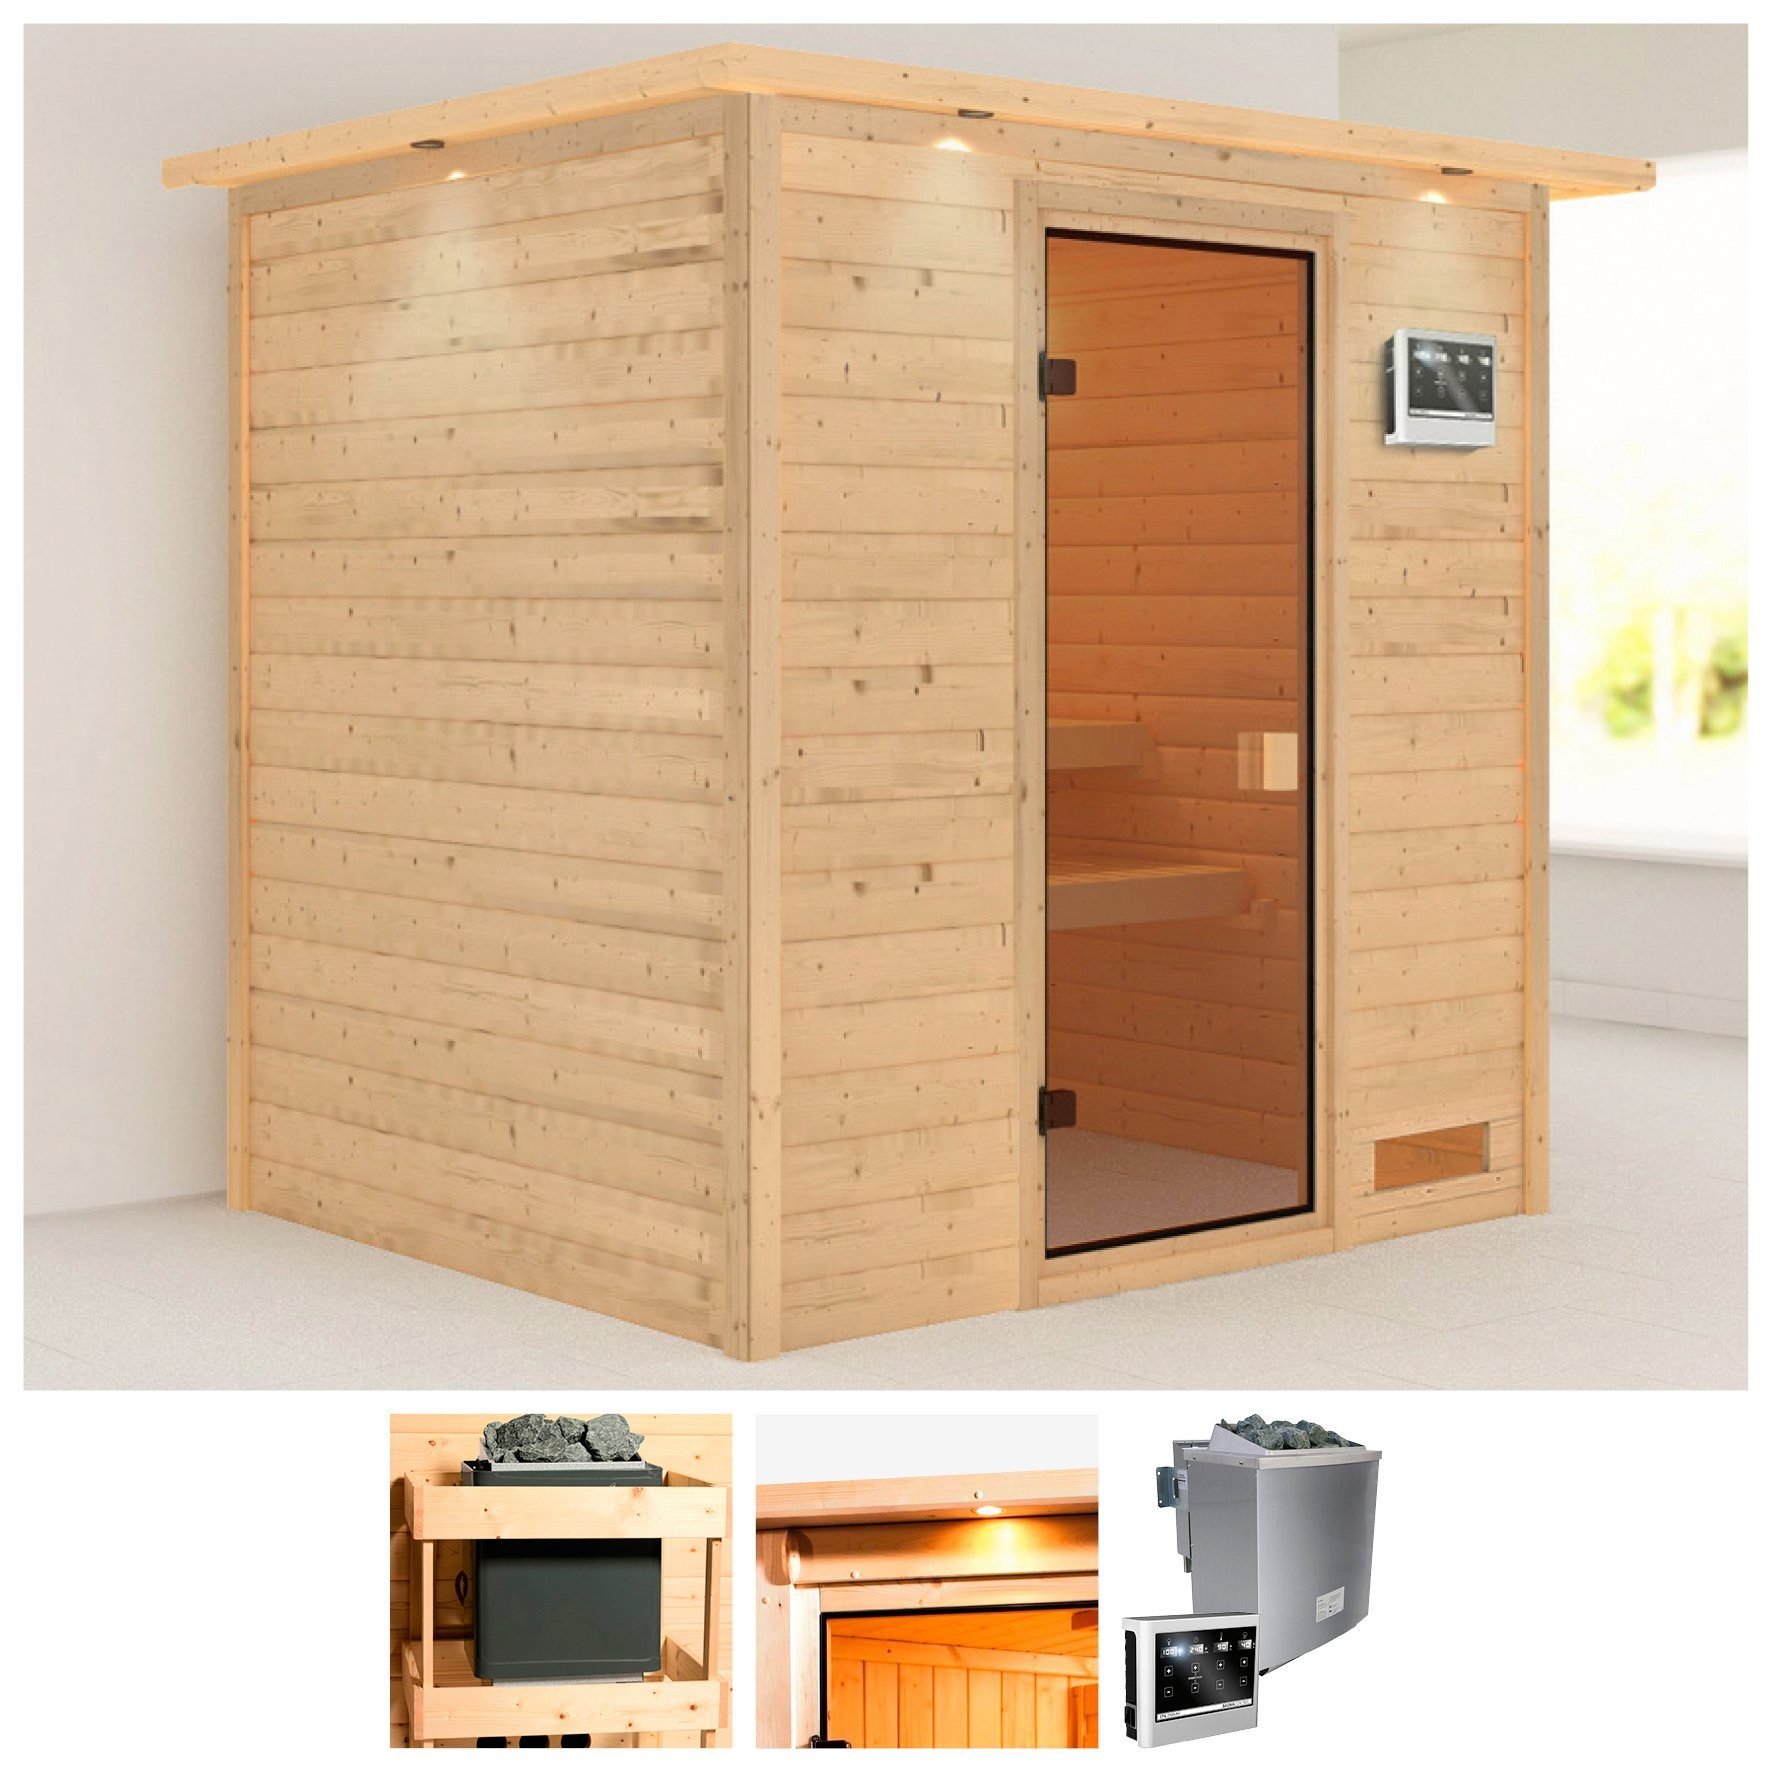 KARIBU Sauna »Anja«, 224x184x202 cm, 9 kW Bio-Ofen mit ext. Steuerung, Dachkranz